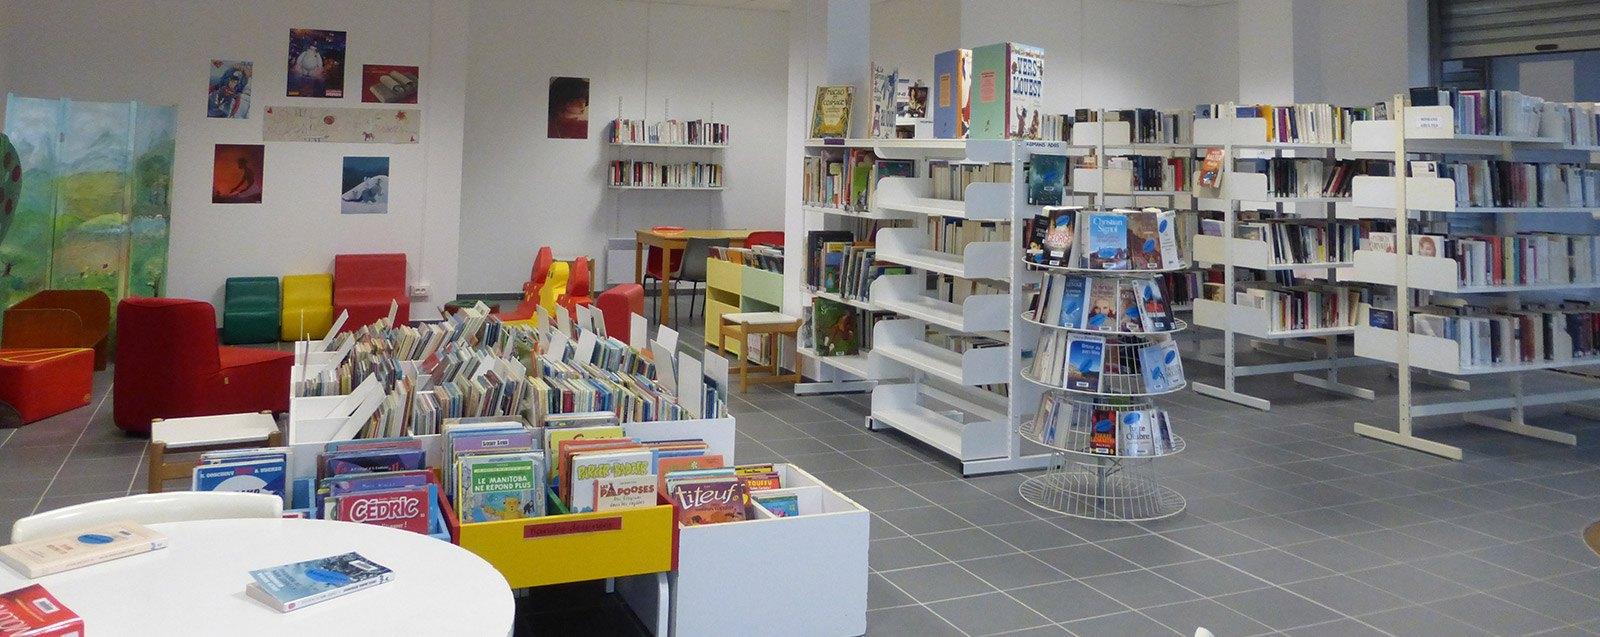 Intérieur de la bibliothèque des Roches Villefontaine